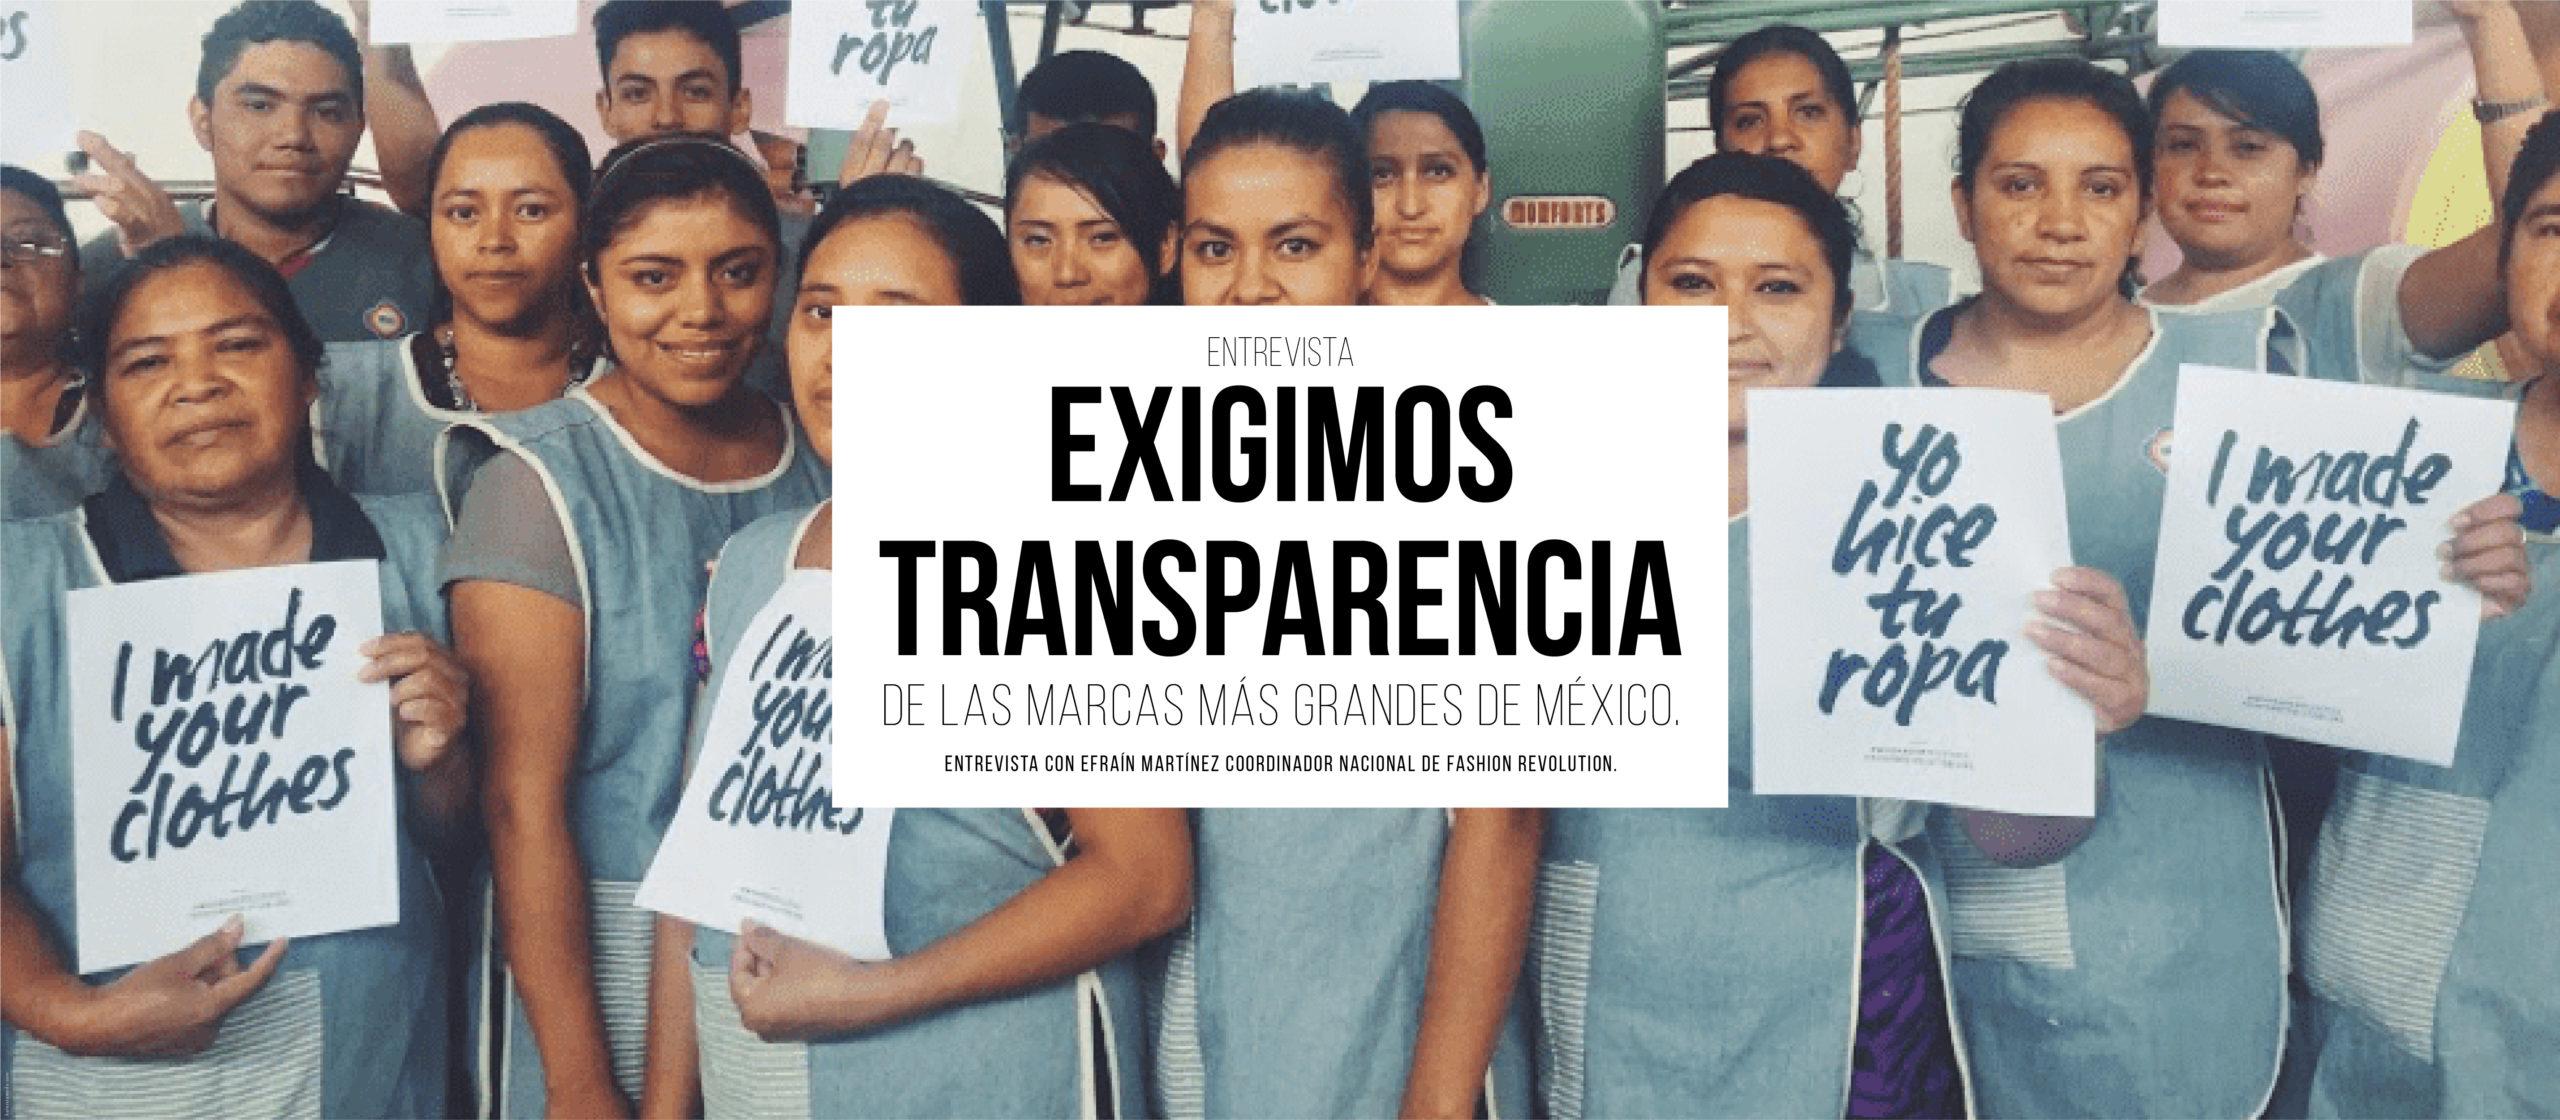 Exigimos transparencia de las marcas más grandes de México: Entrevista con Efraín Martínez Coordinador Nacional de Fashion Revolution